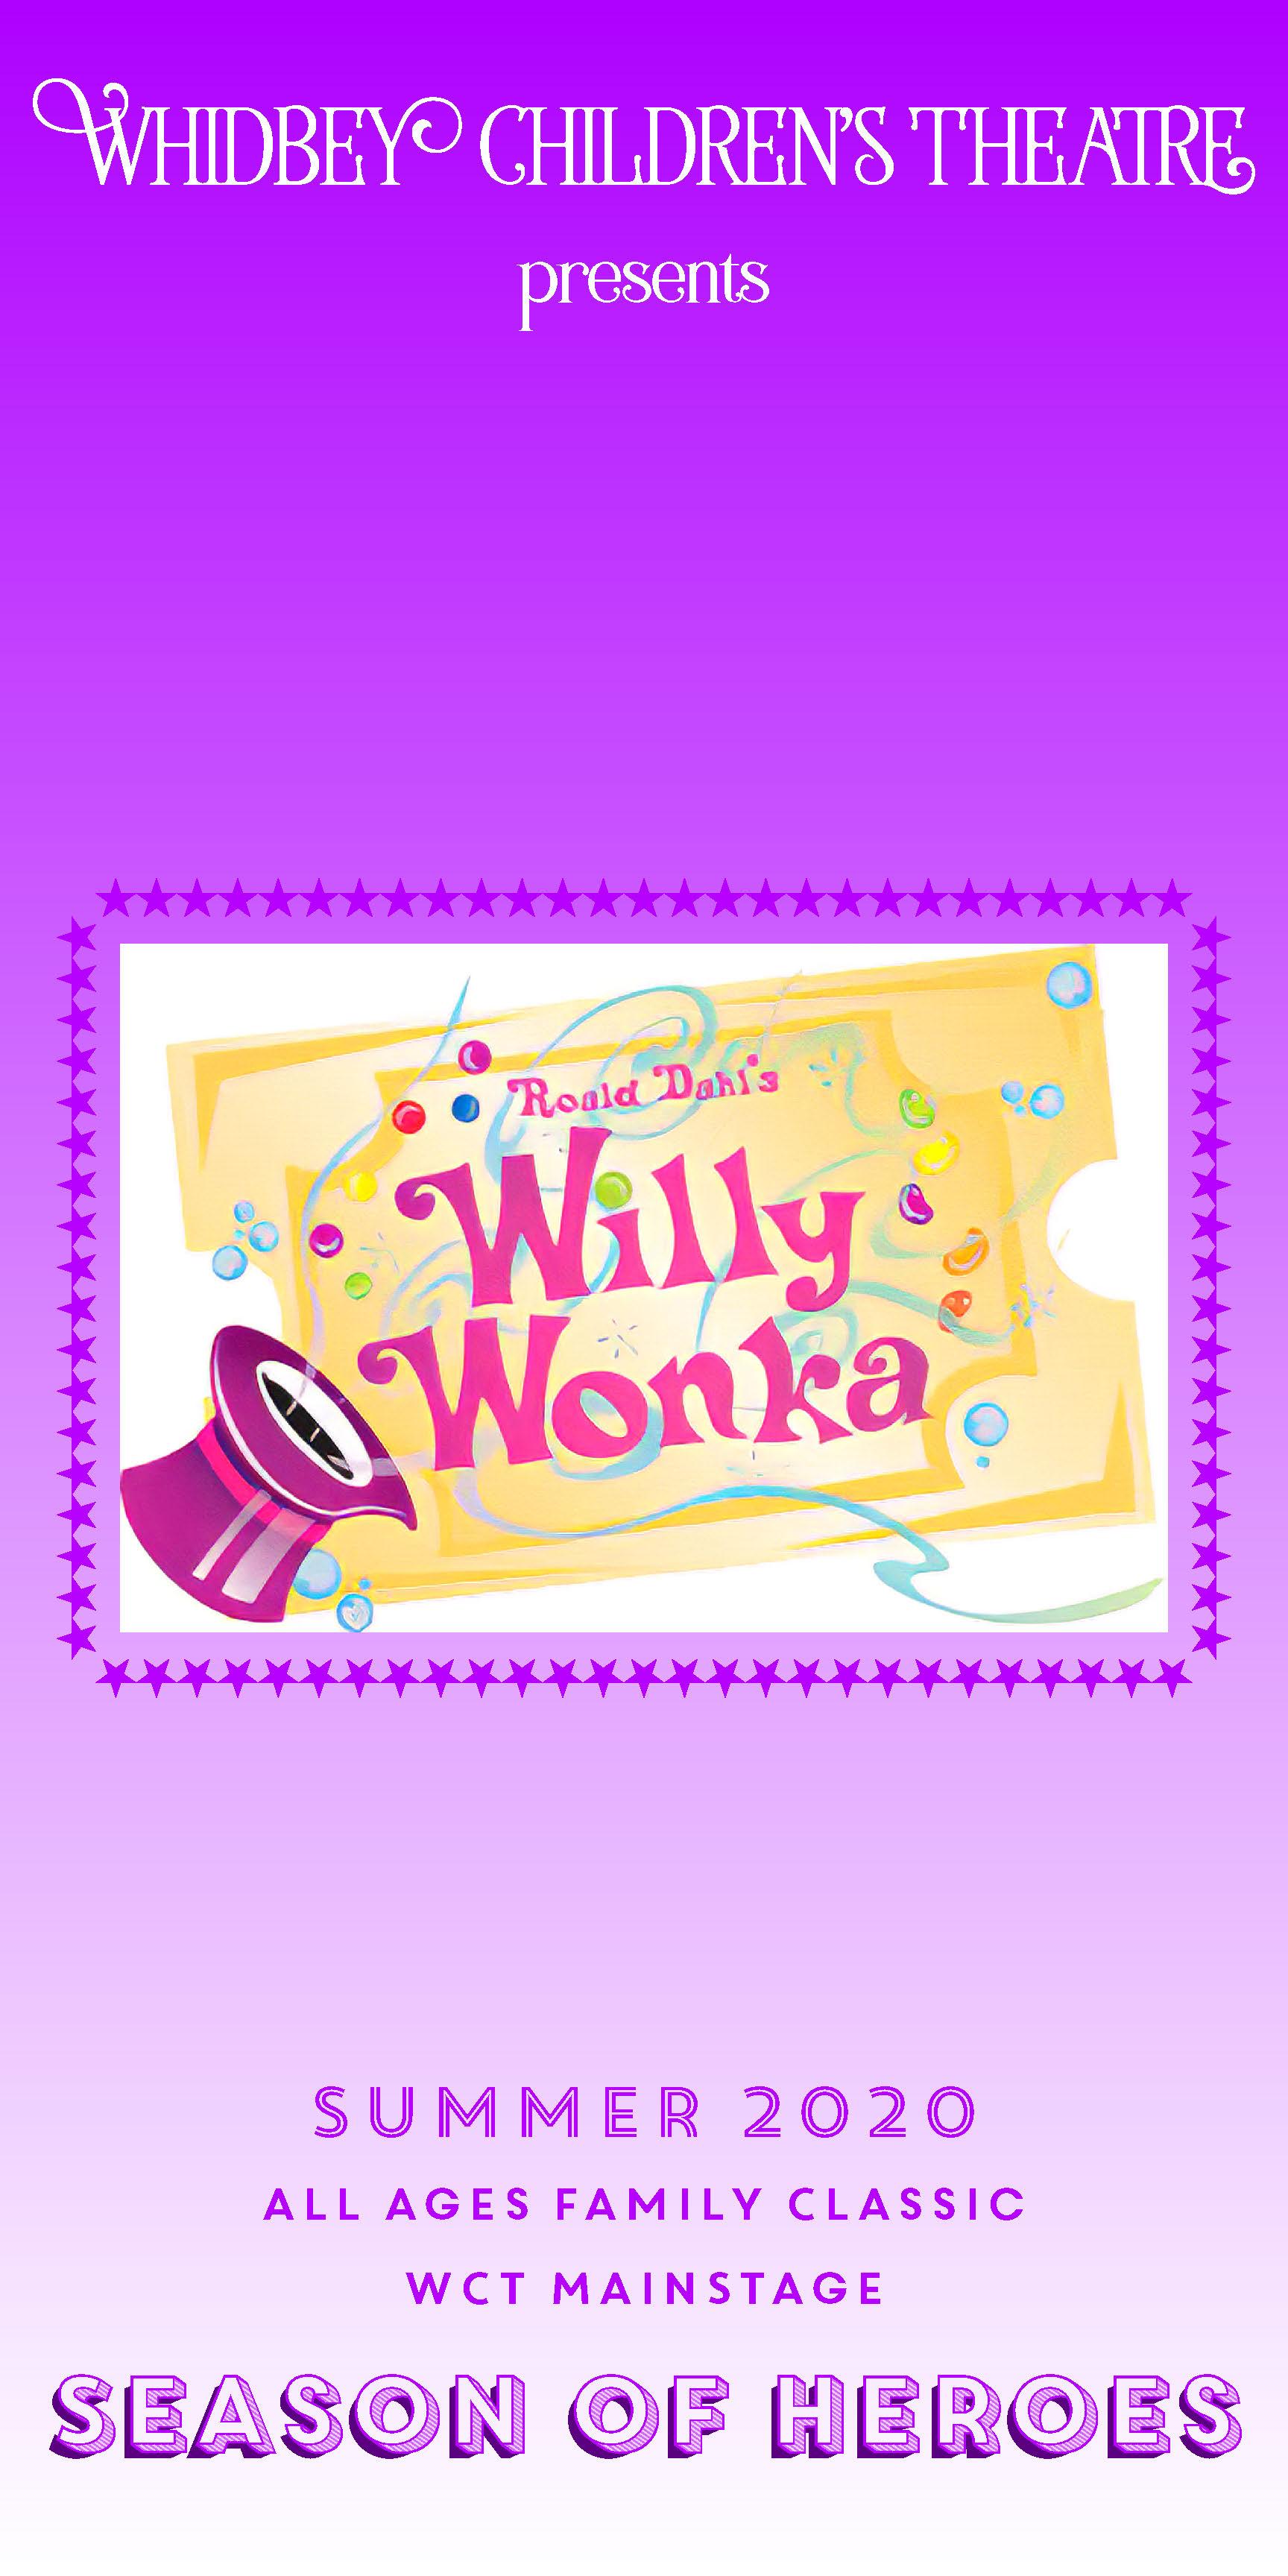 SOH Willy Wonka SMR 2020.jpg